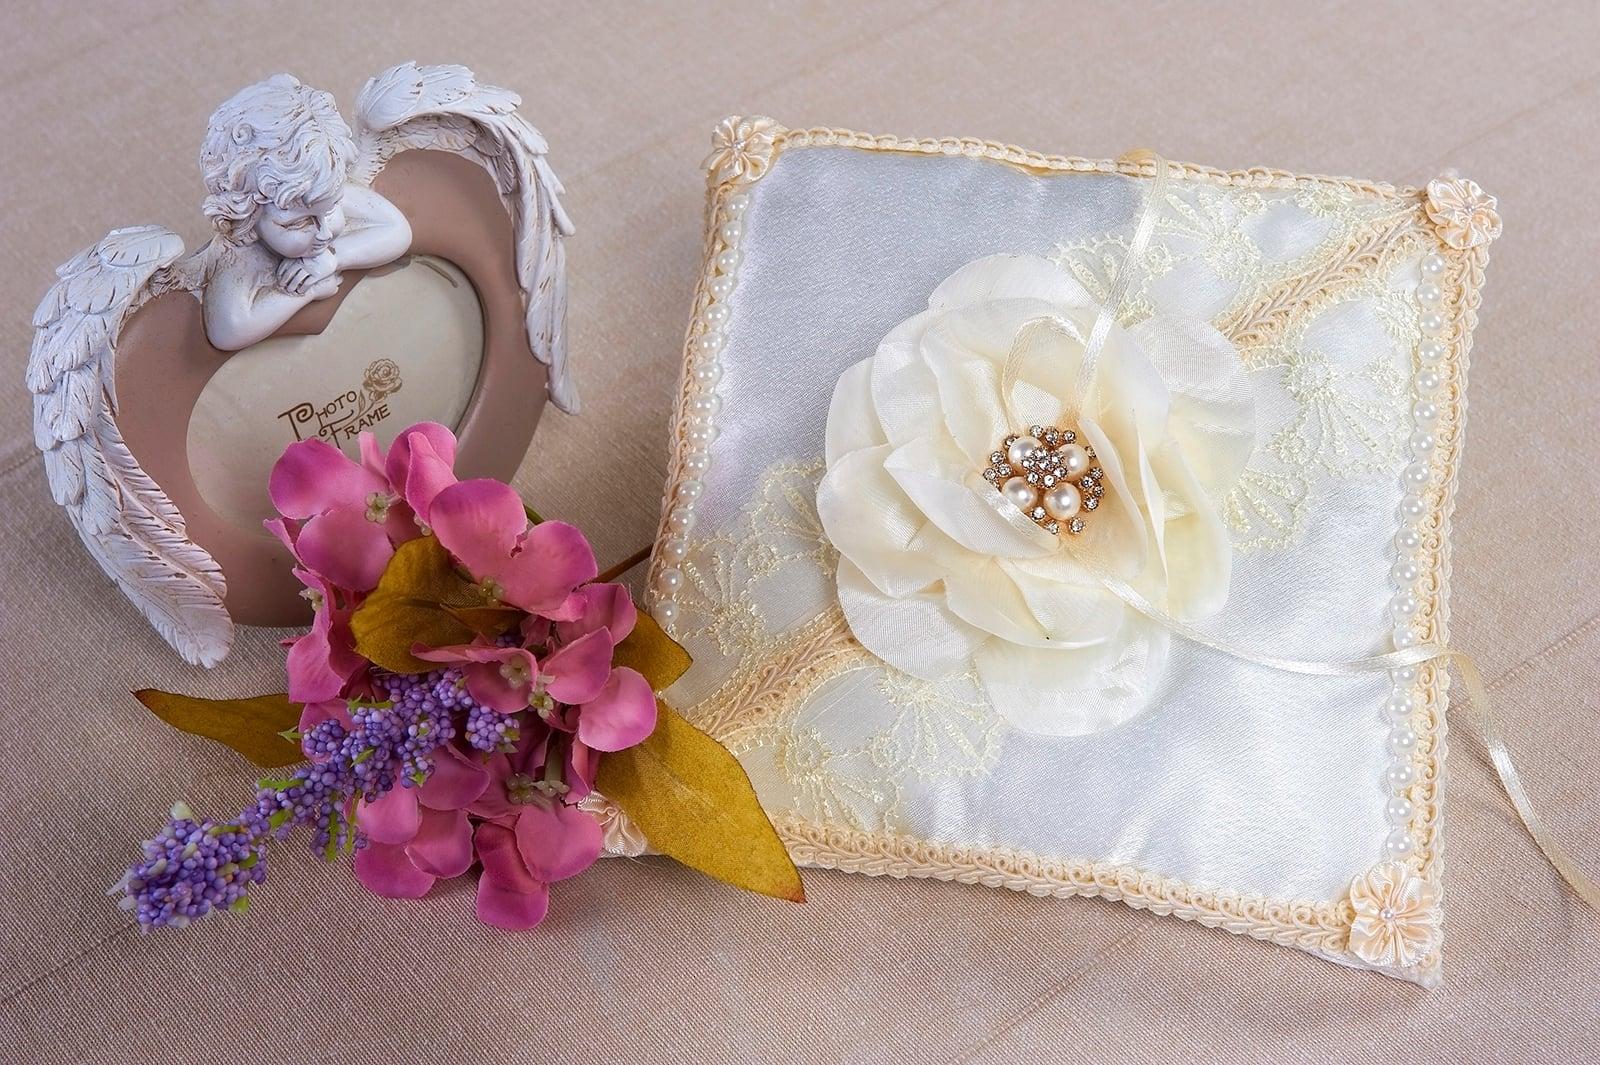 Белая подушечка для колец с кремовой отделкой и пышным бутоном.